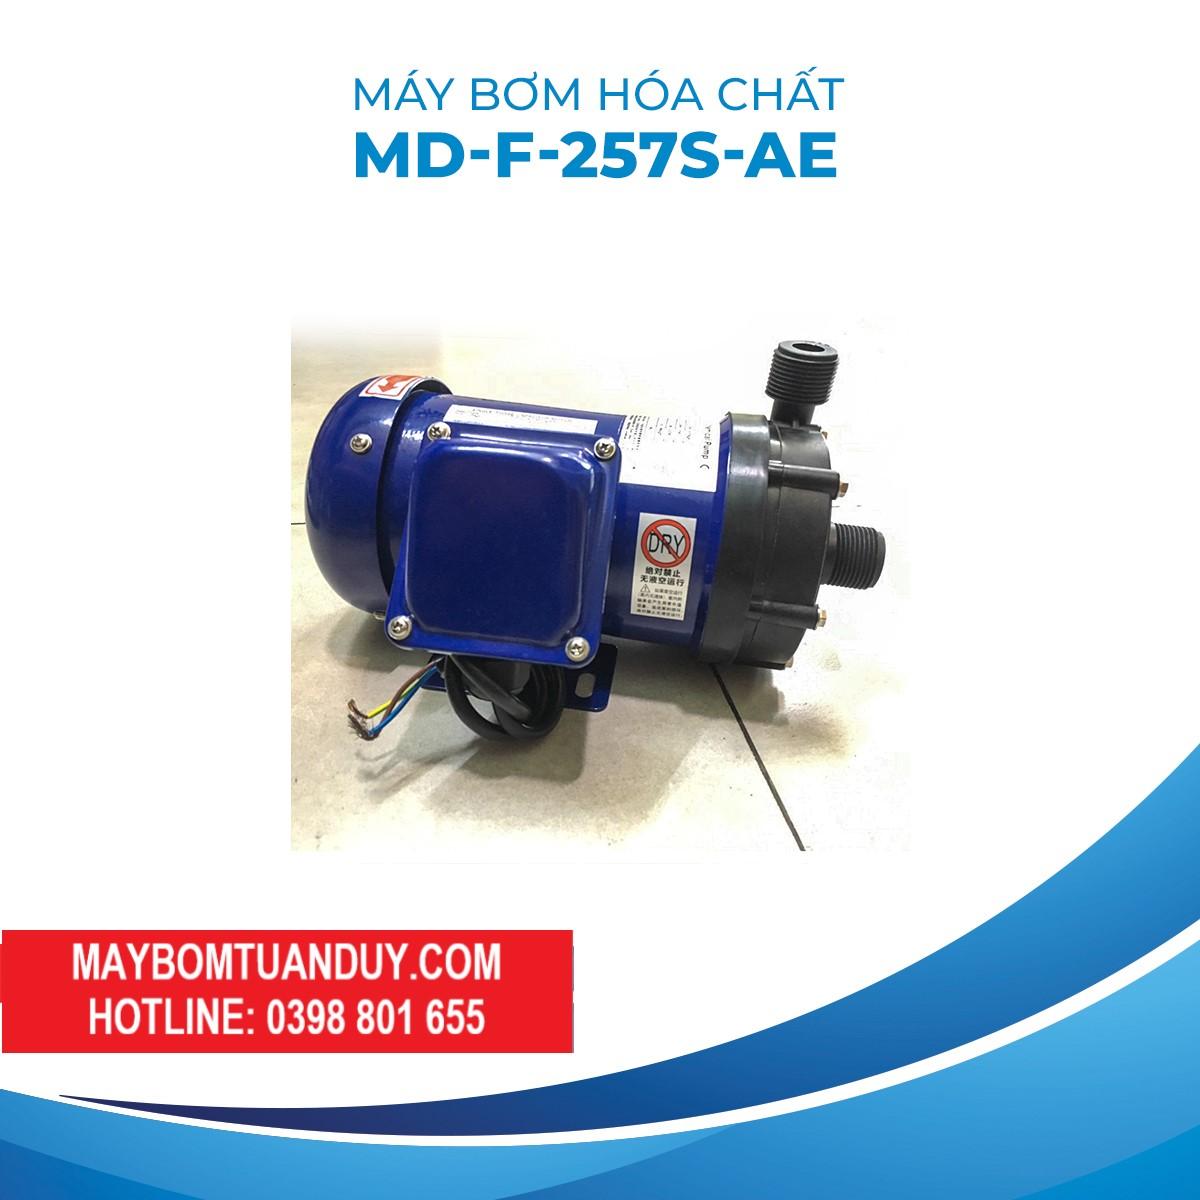 Máy Bơm Hóa ChấtMD-F-257S-AE 220V 180W 86L/P